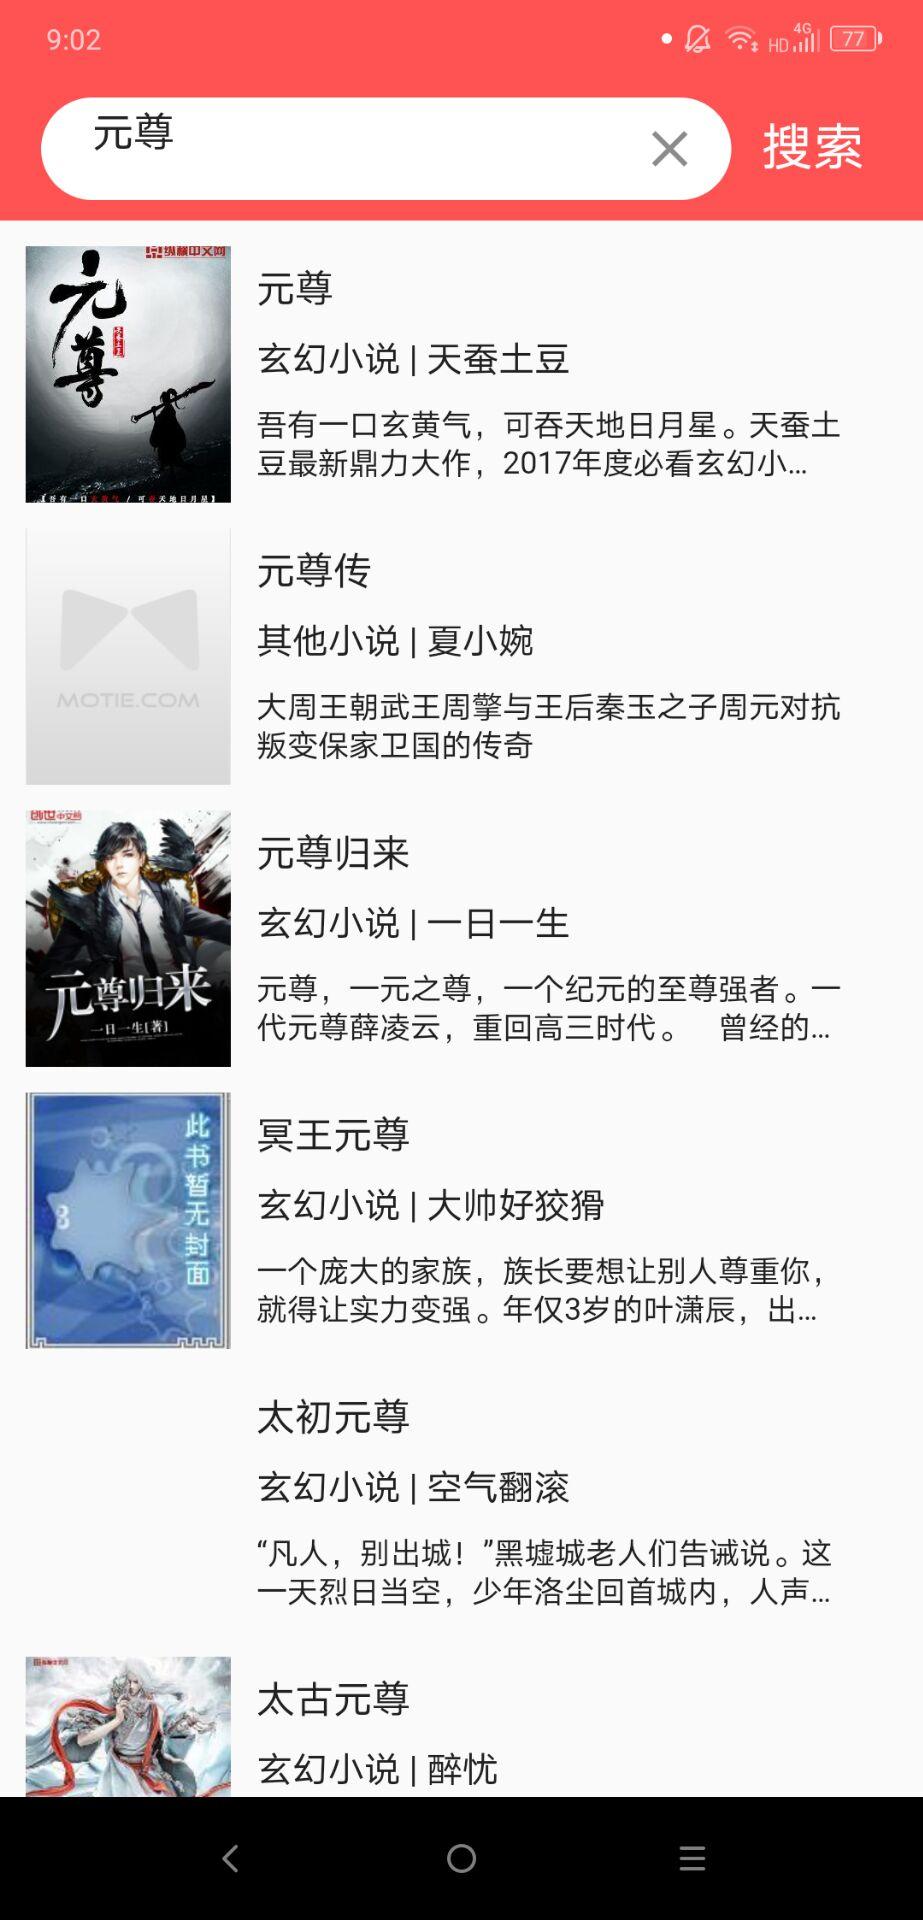 【分享】DeerBook免费小说1.0